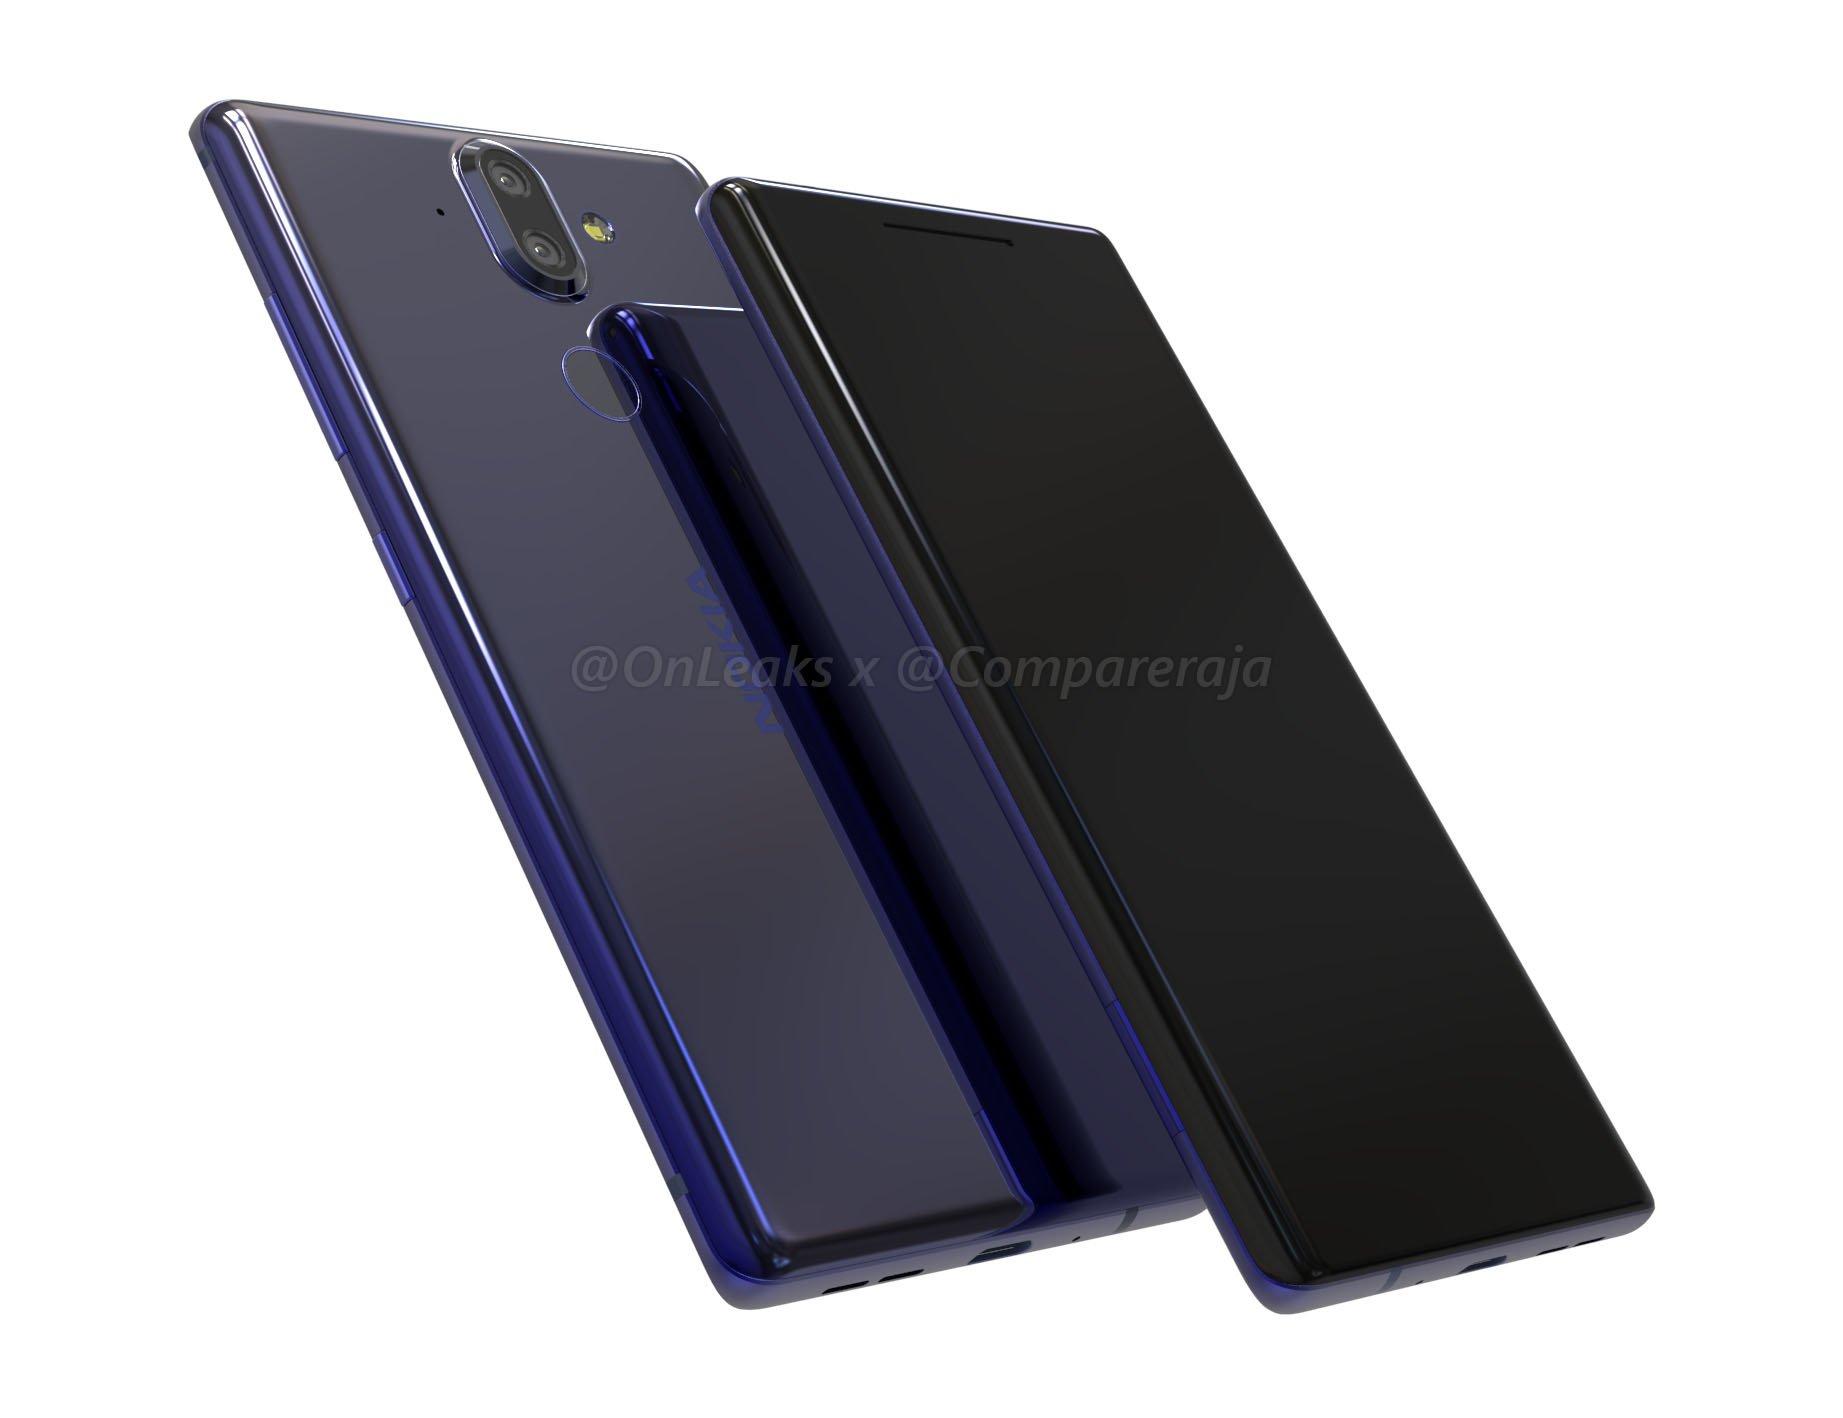 Le Nokia 9 pourrait être dévoilé en janvier en compagnie d'un nouveau Nokia 8